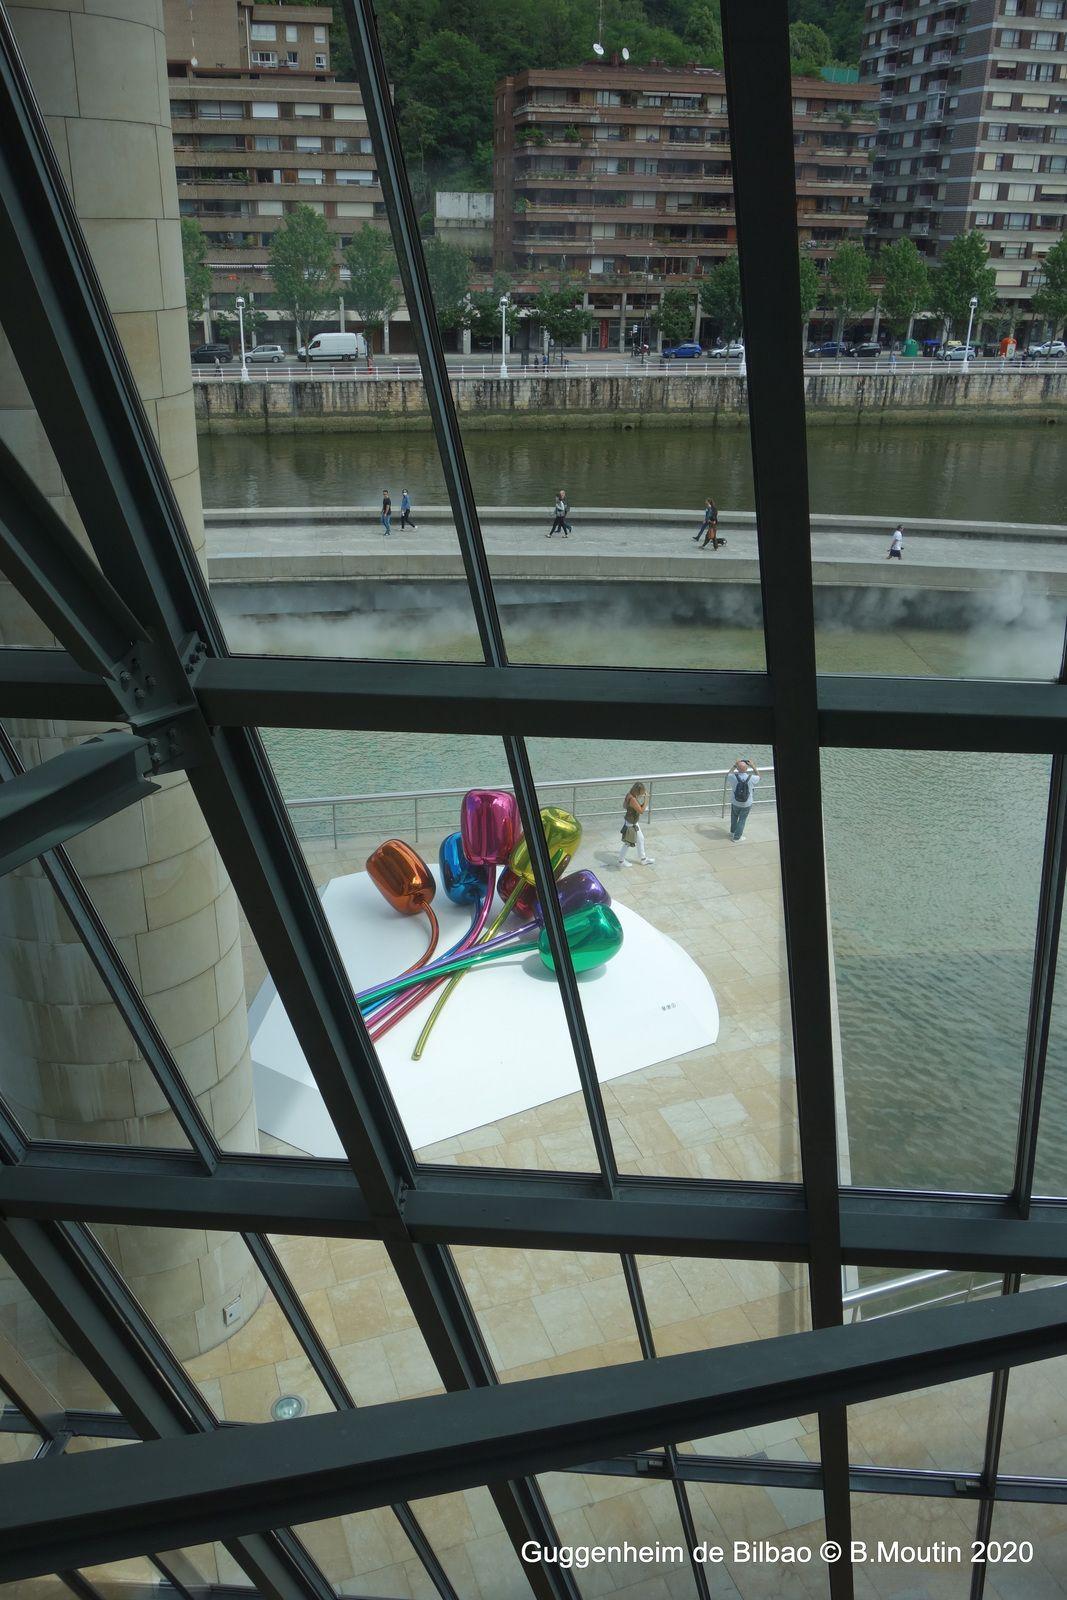 Le Musée Guggenheim de Bilbao (11 photos de l'intérieur)